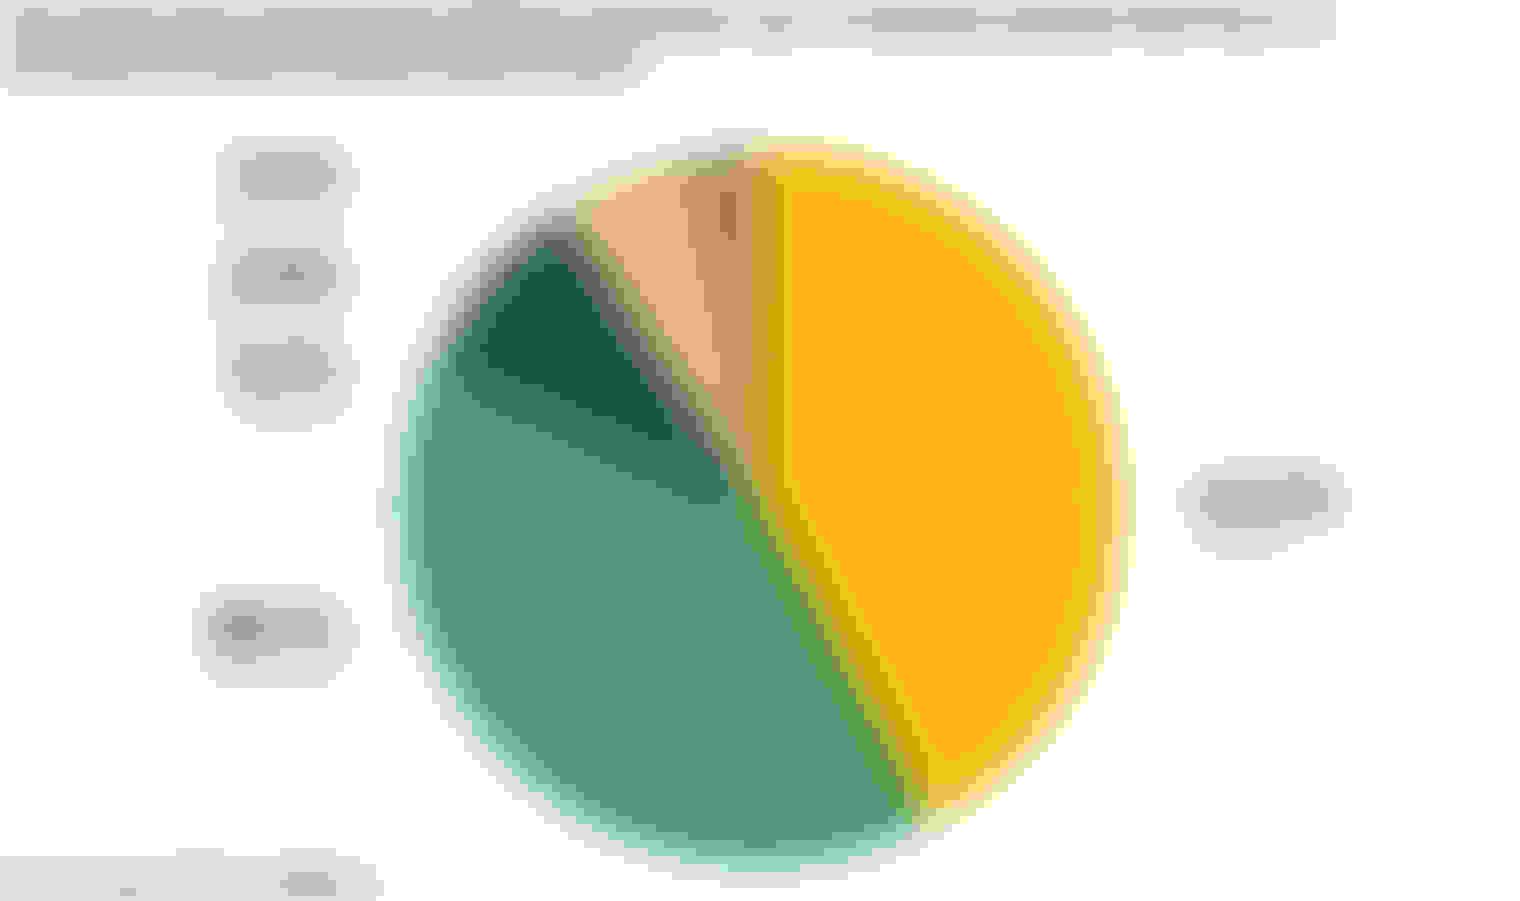 一个饼图显示了受访者将在关注气候变化引起的风险的保险单上花费多少